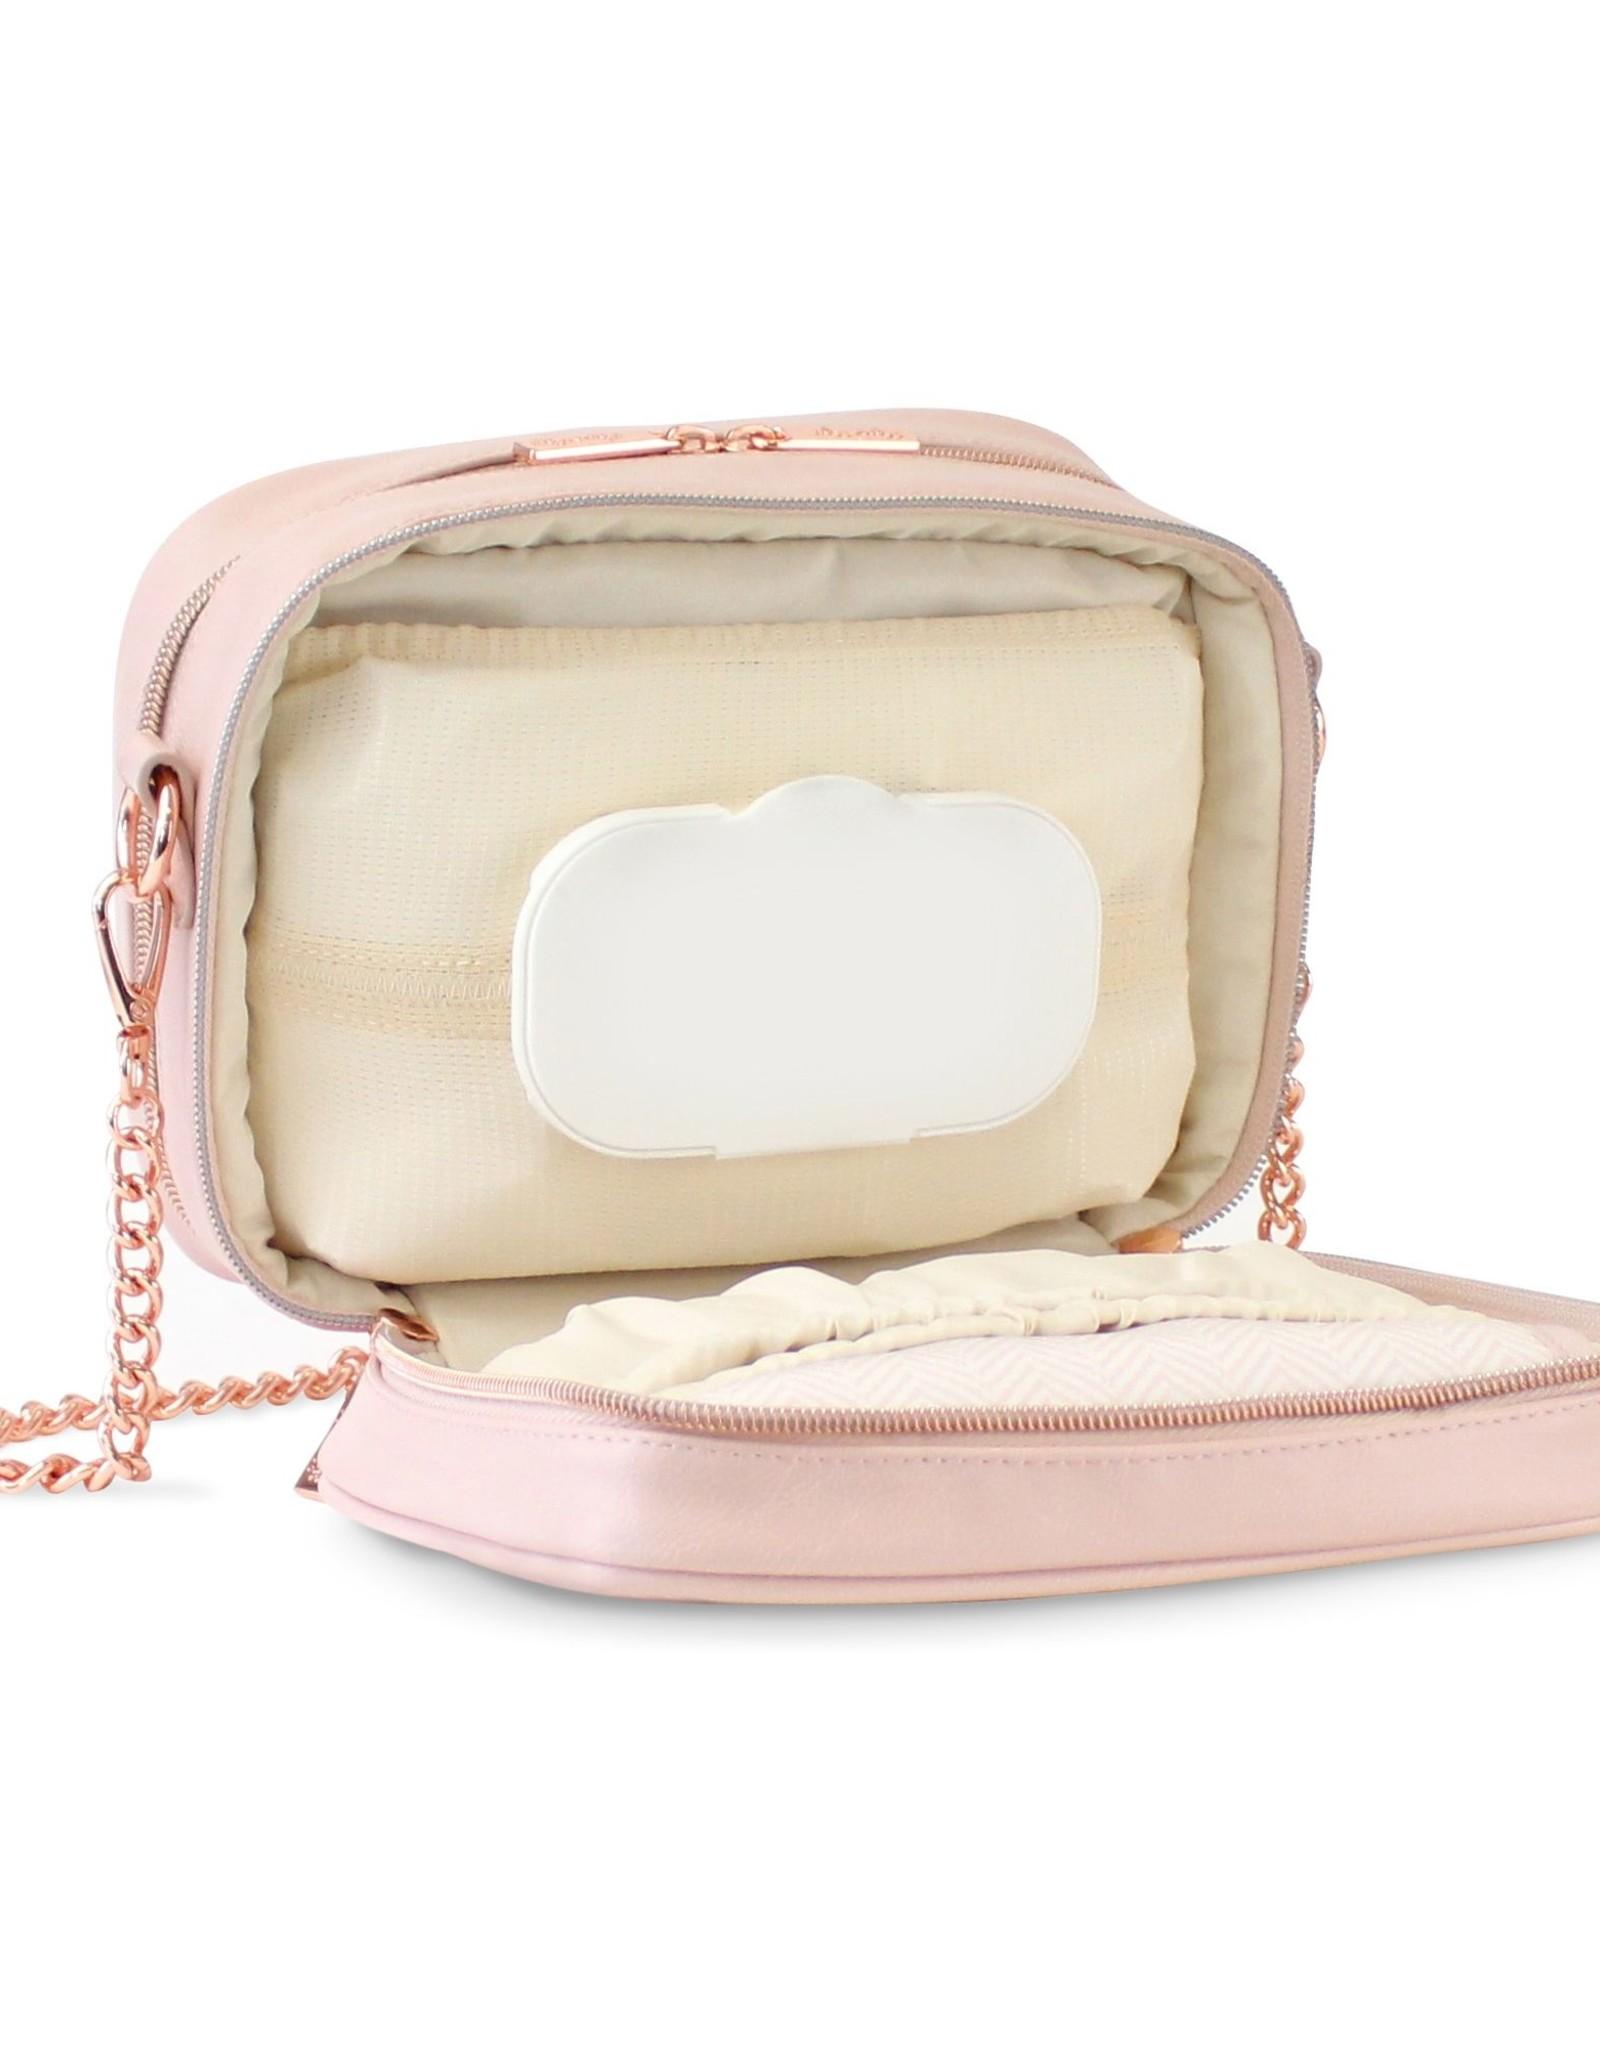 Itzy Ritzy Blush Crossbody Diaper Bag